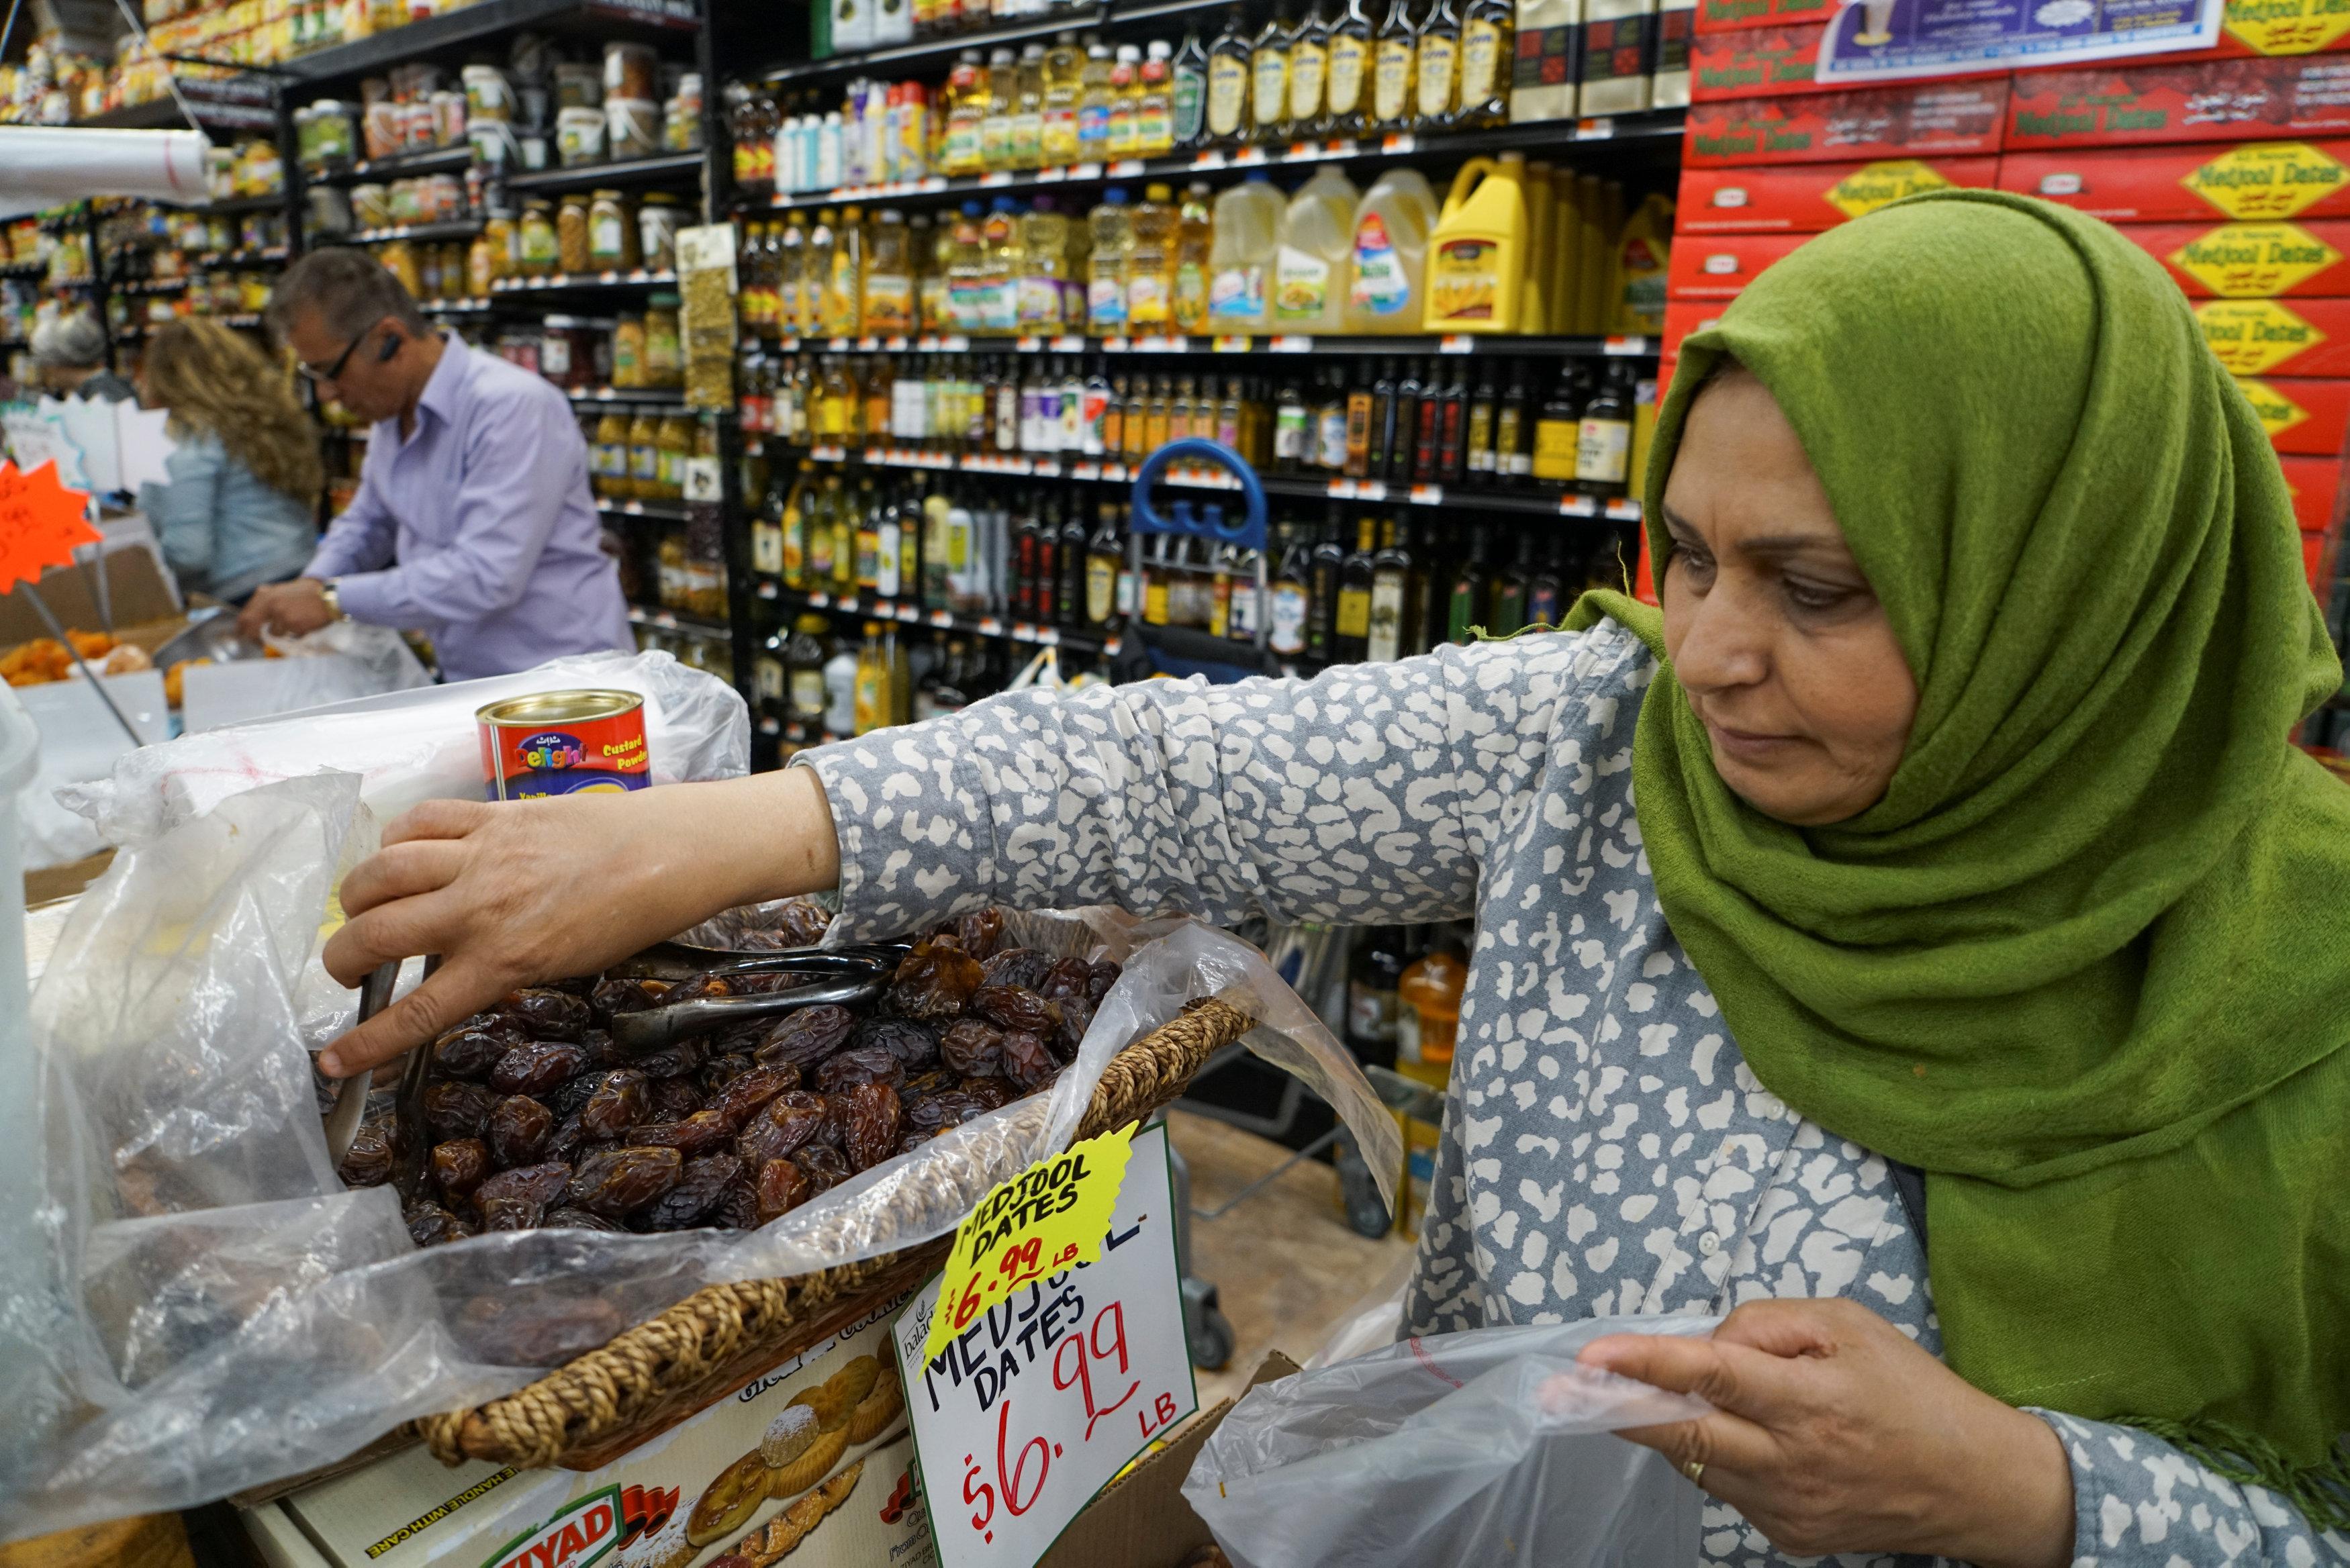 سيدة مسلمة تشترى التمر من متجر فى أمريكا